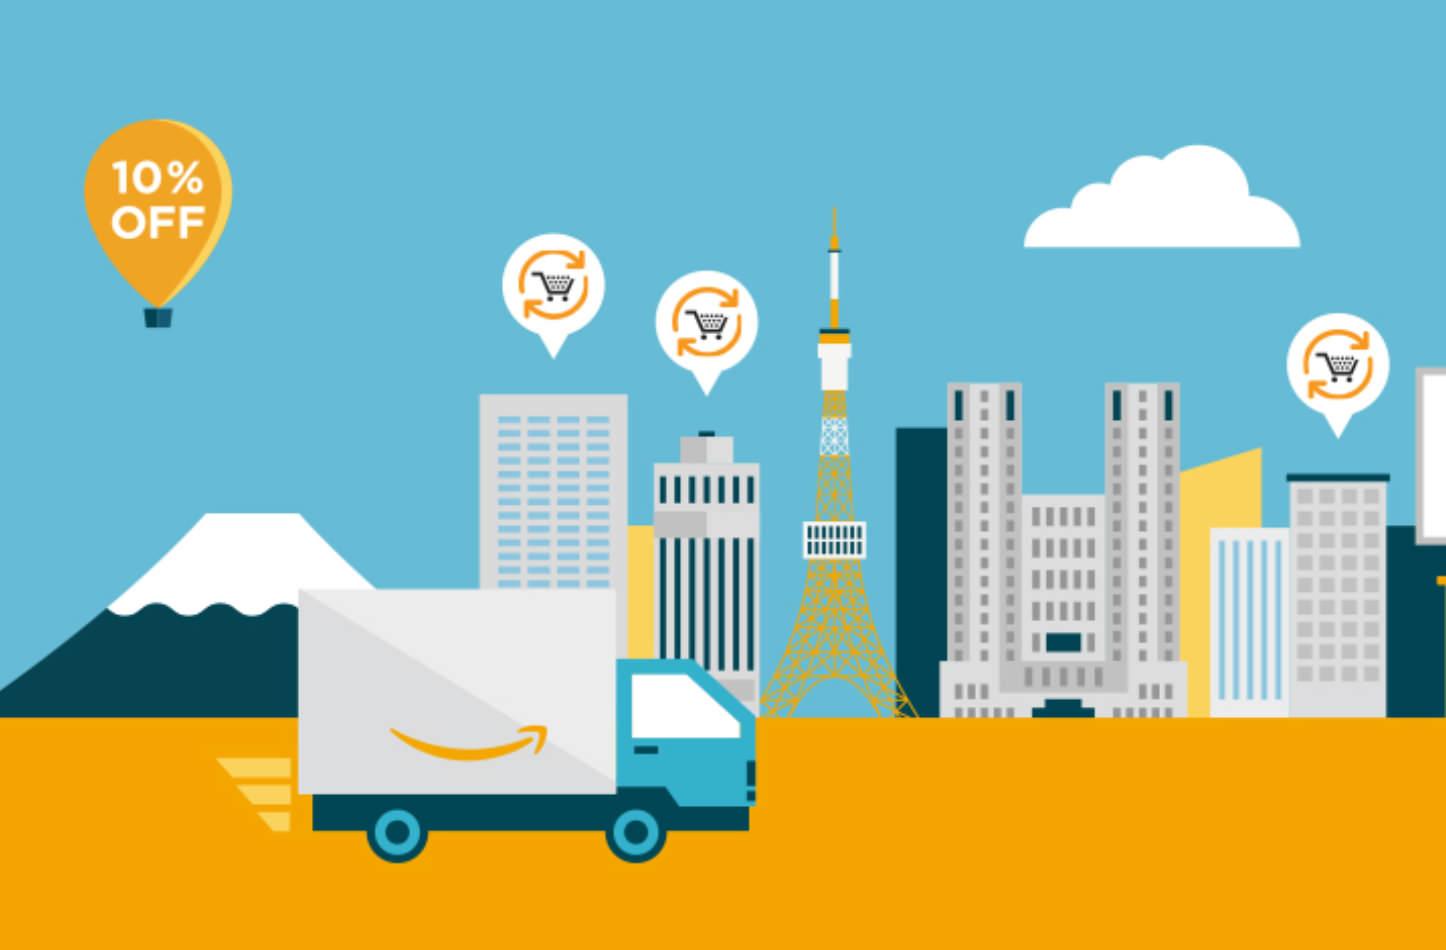 毎月の必需品が最大10%OFFで購入できるAmazonの定期購入サービス「定期おトク便」がリニューアル